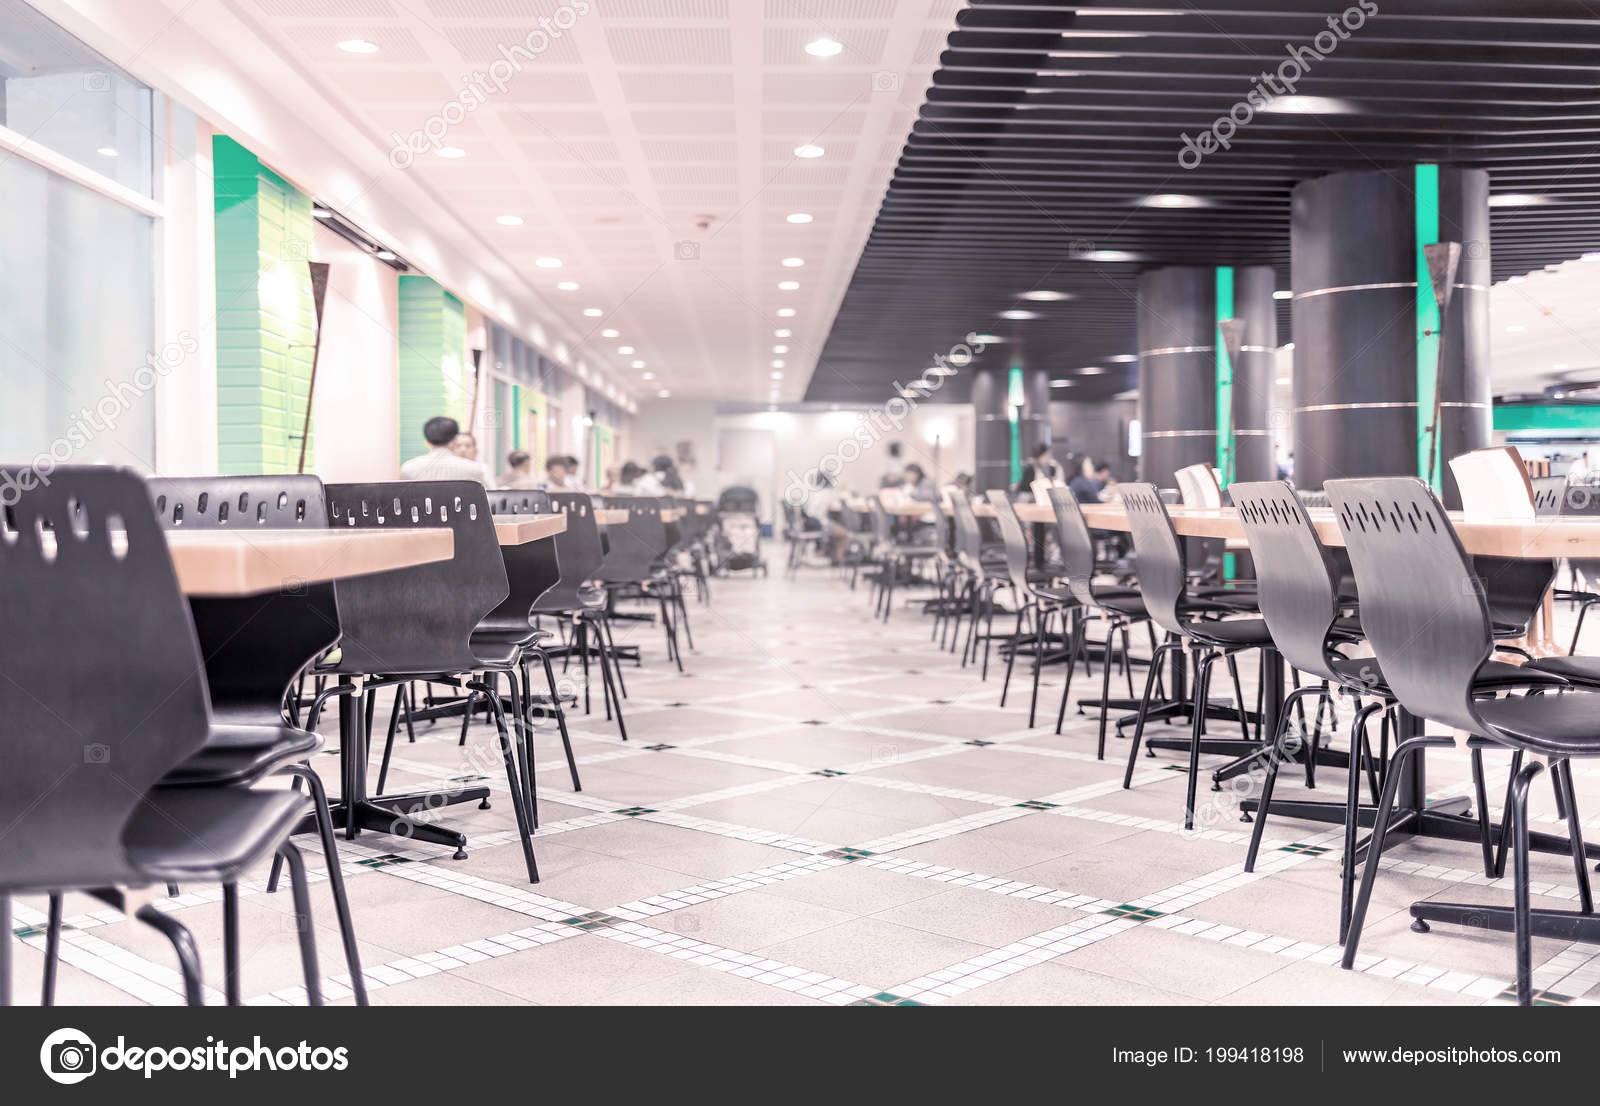 modern interieur van cafetaria kantine met stoelen tafels het eten stockfoto